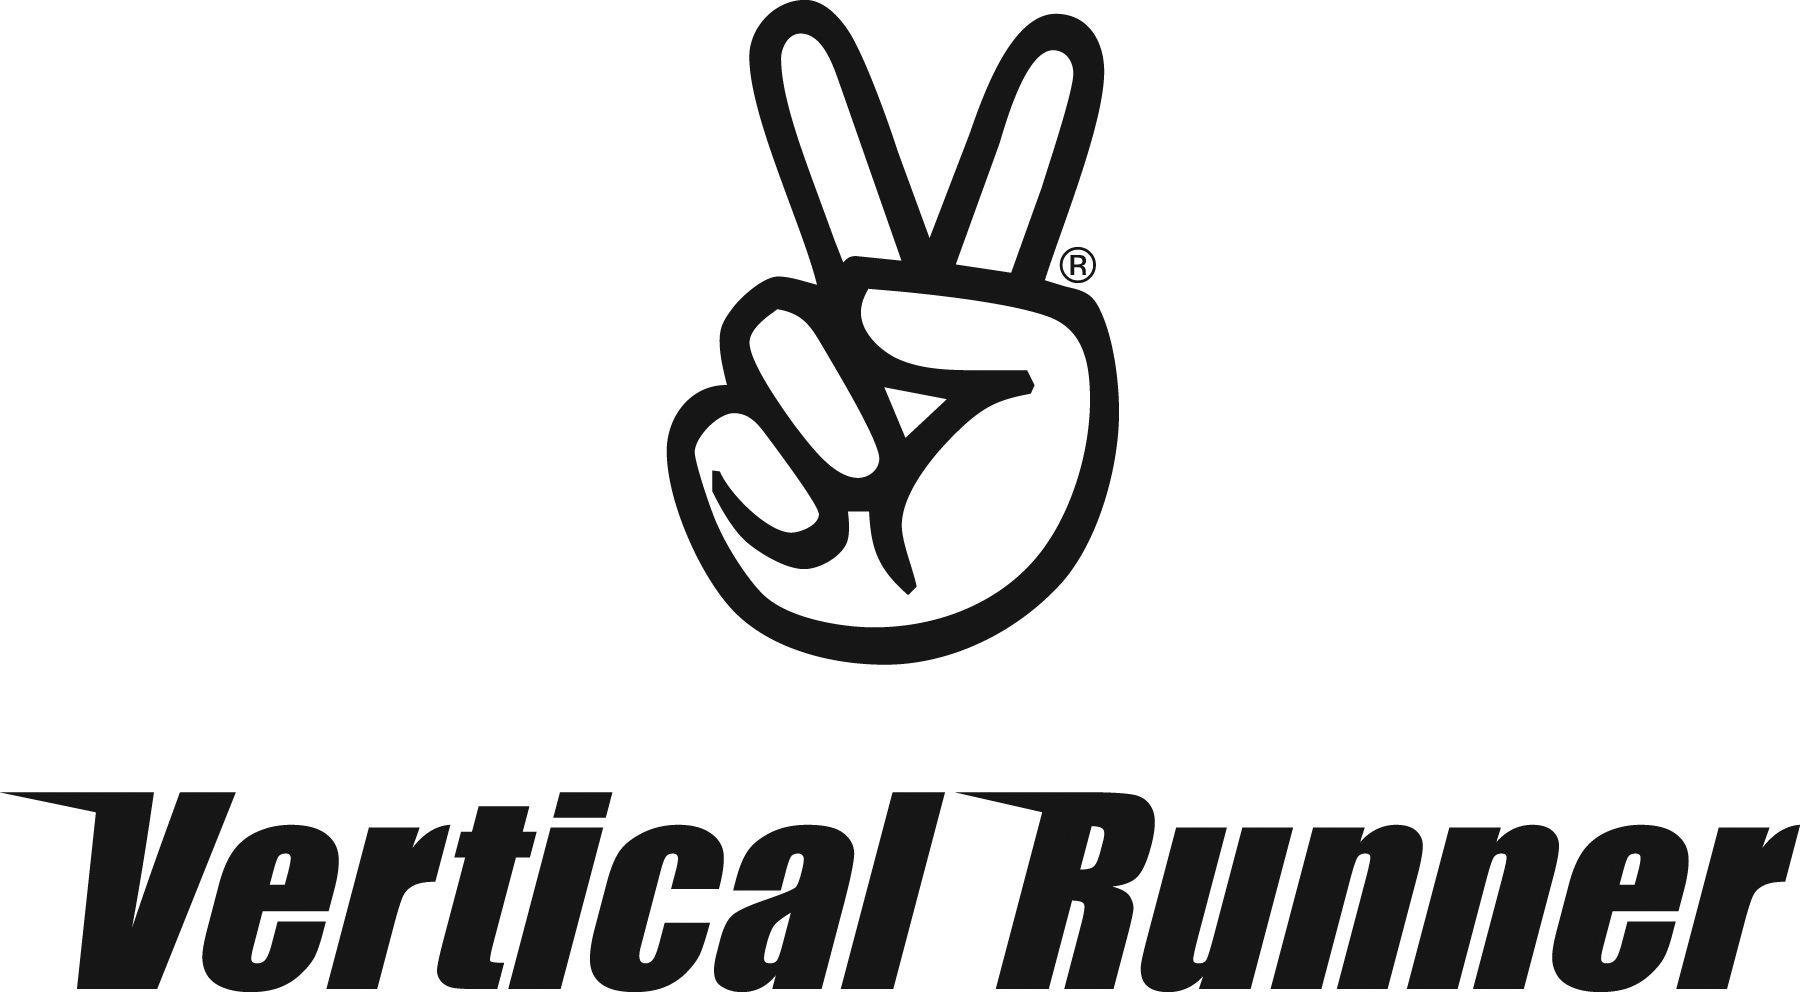 Joseph C. Monastra Race 5K Run & 1 Mile Run & Walk